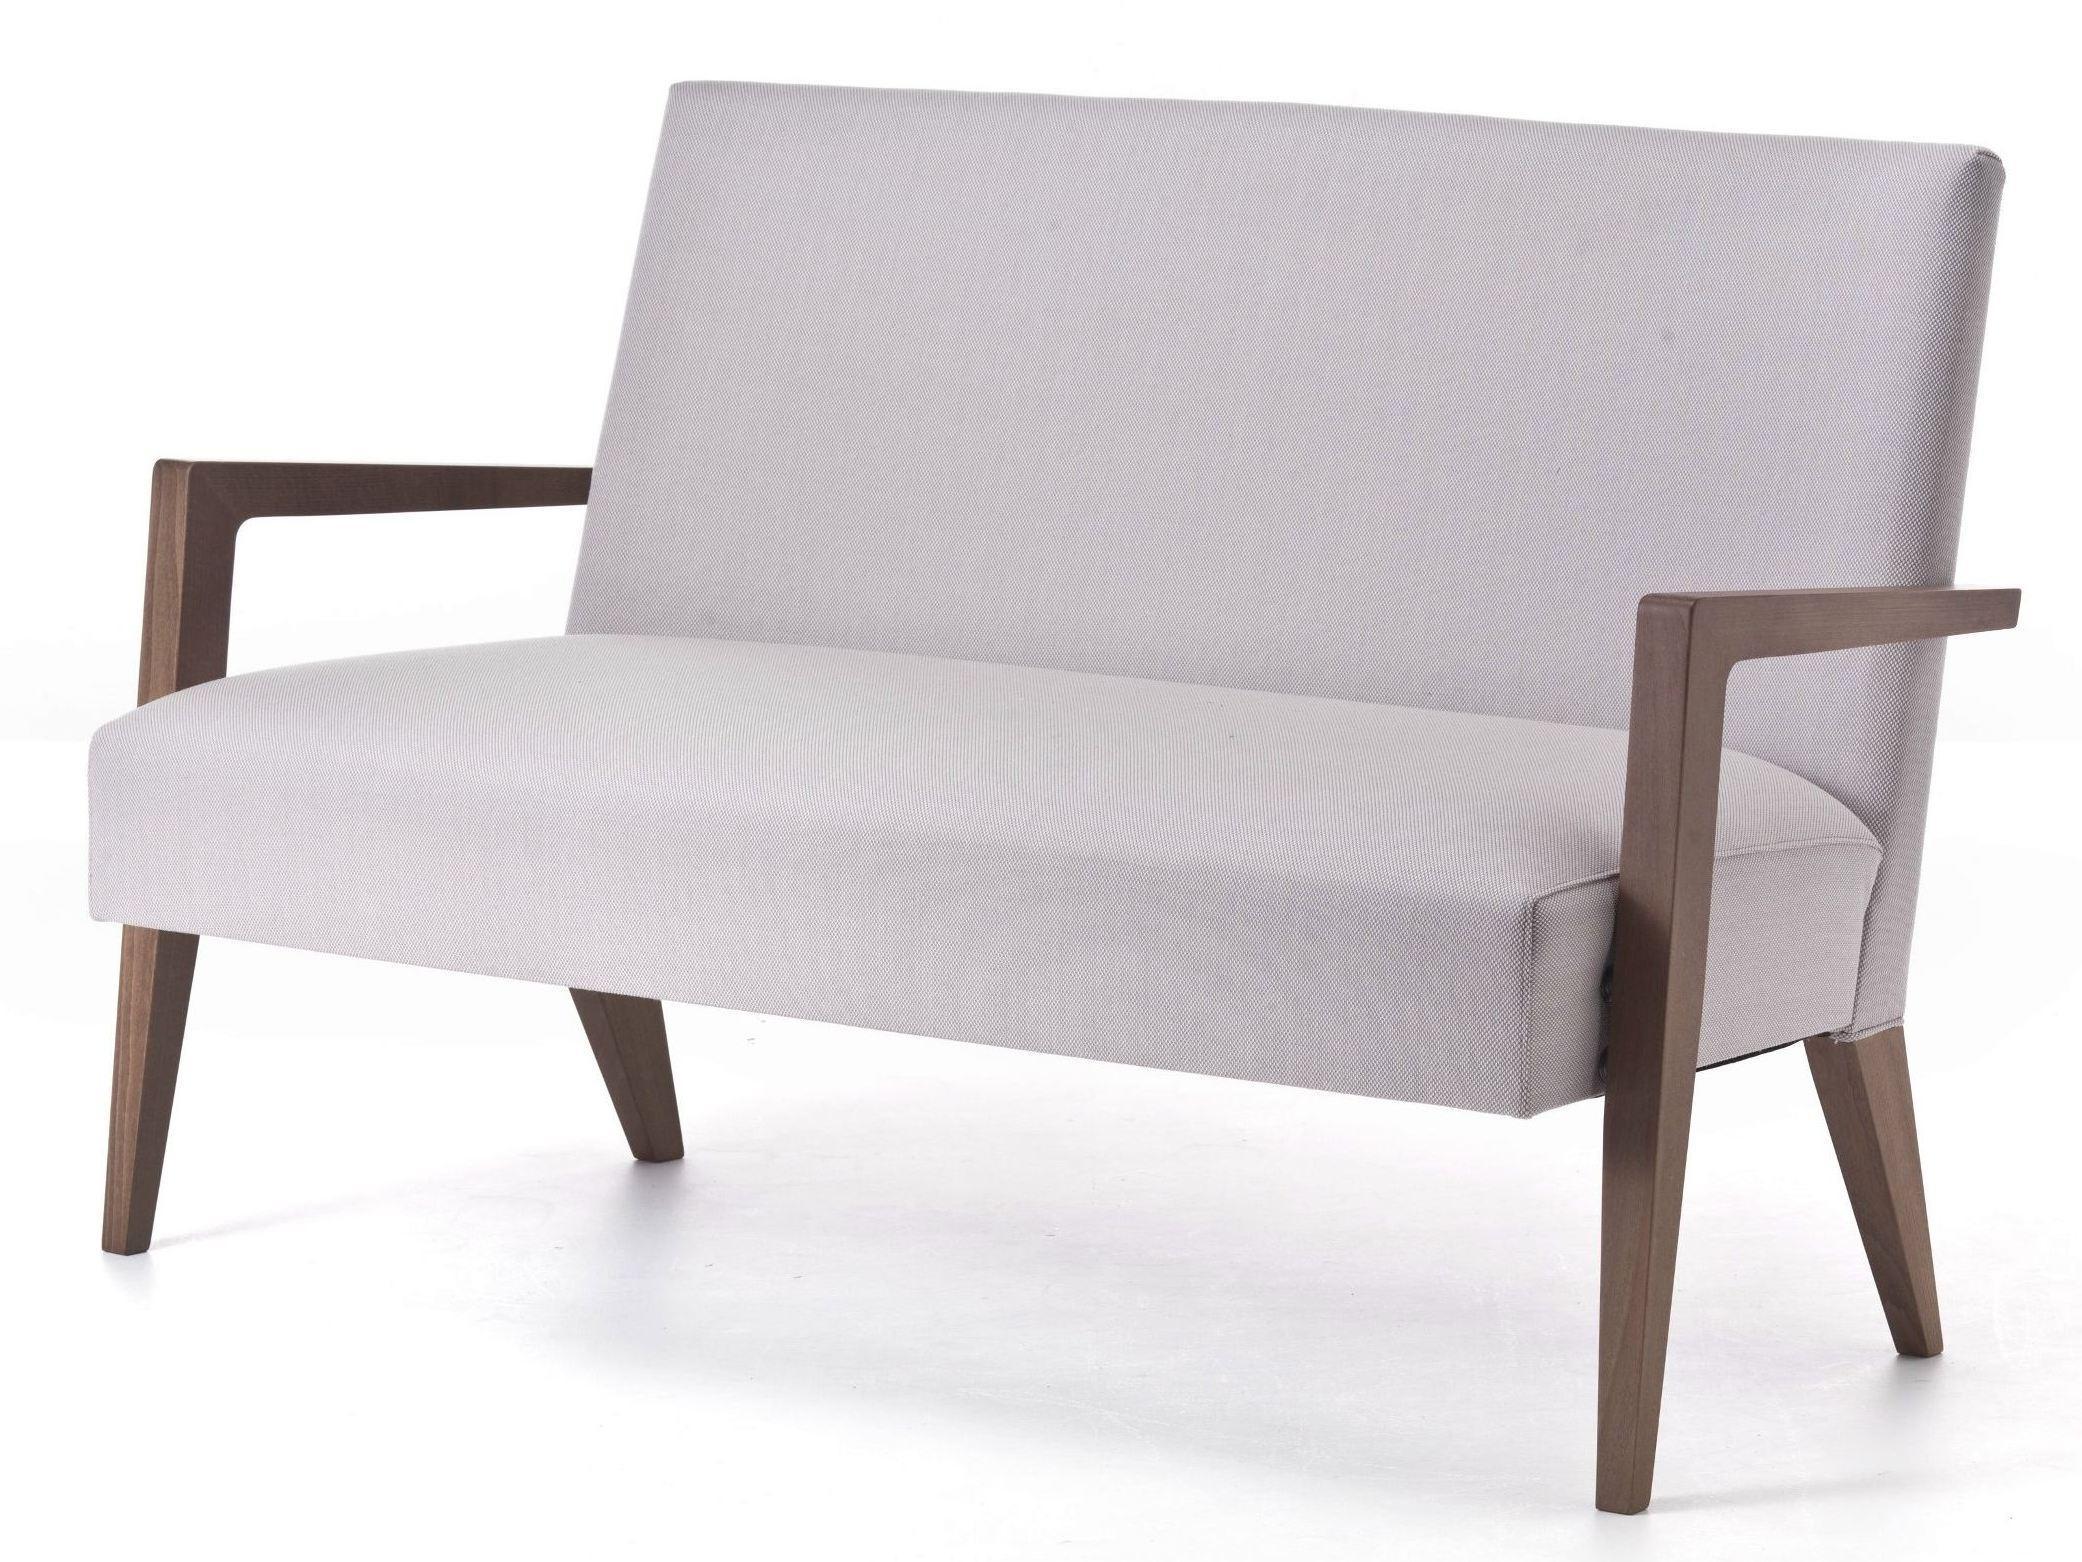 Kyk 543Metalmobil Design Carlo Bimbi With Very Small Sofas (Image 5 of 20)